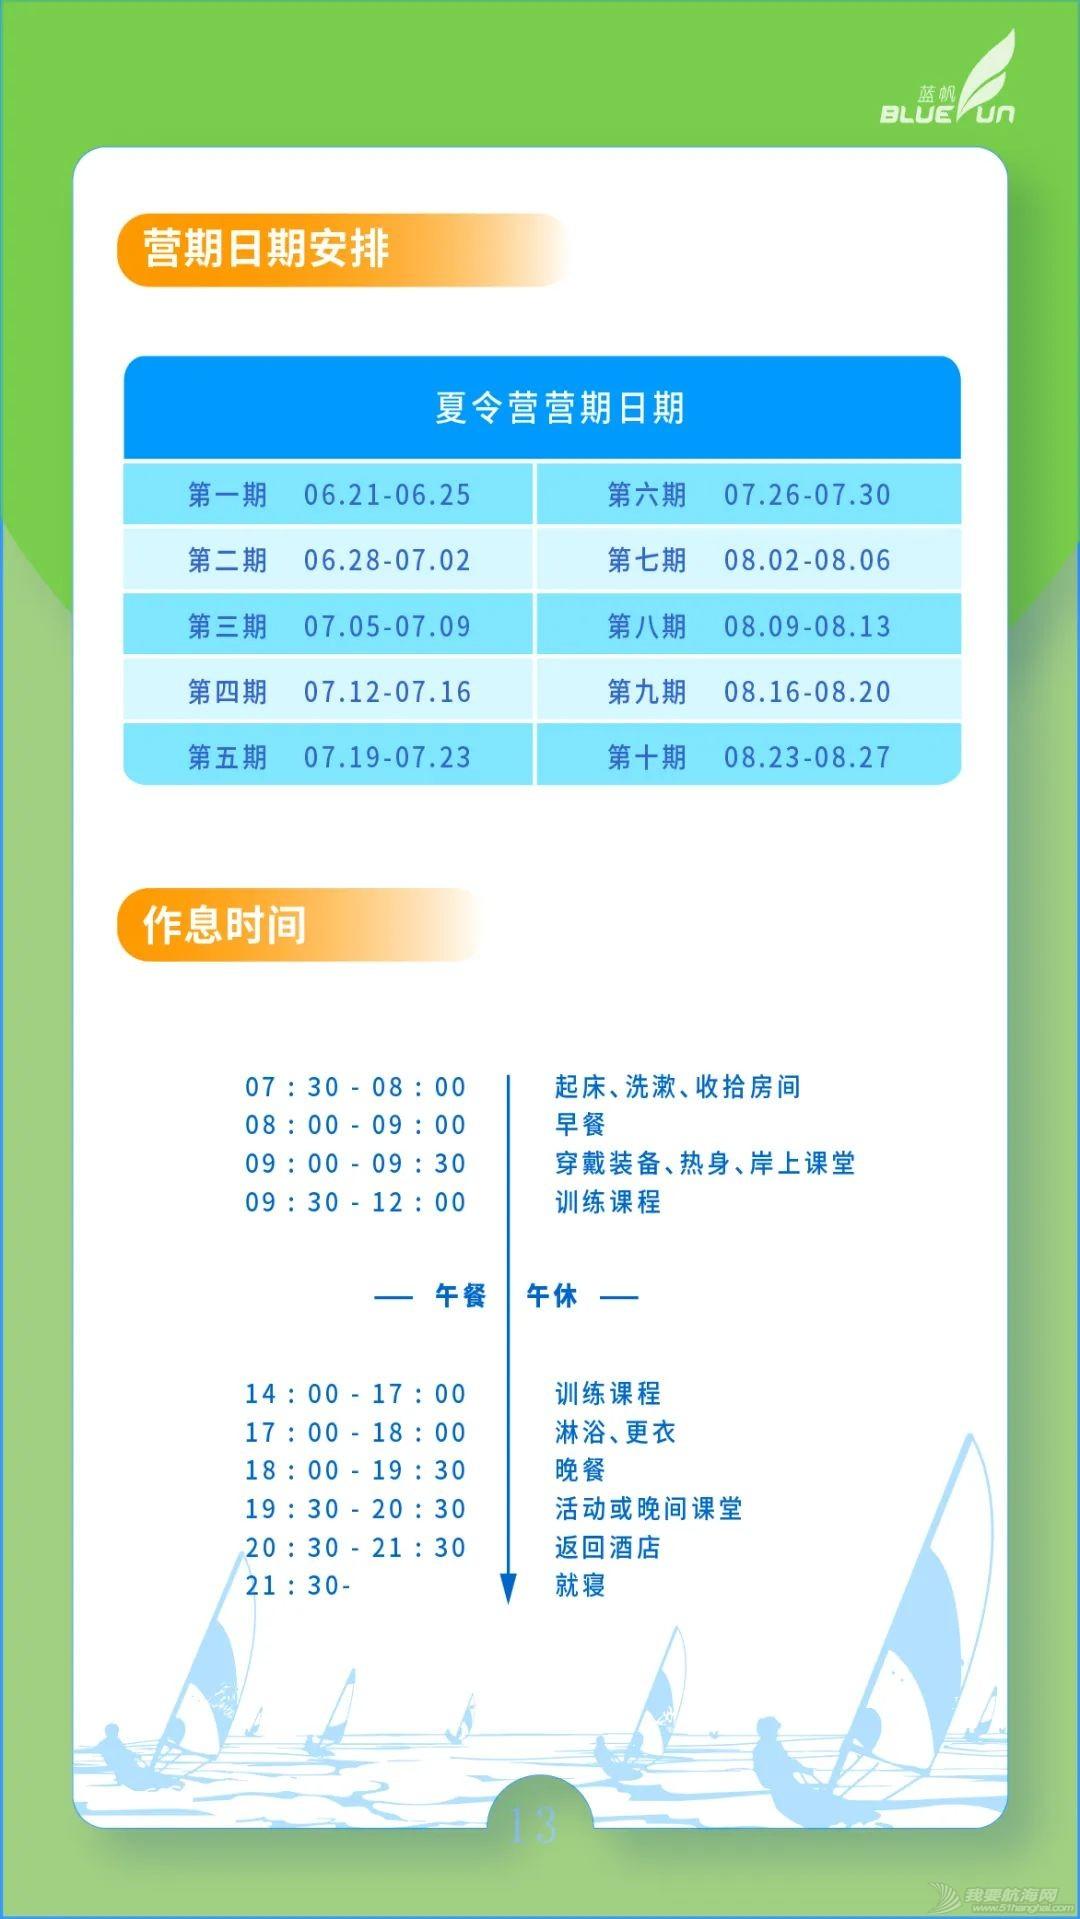 2021帆船夏令营之华南篇|中帆协小帆船认证培训中心营业啦②w31.jpg